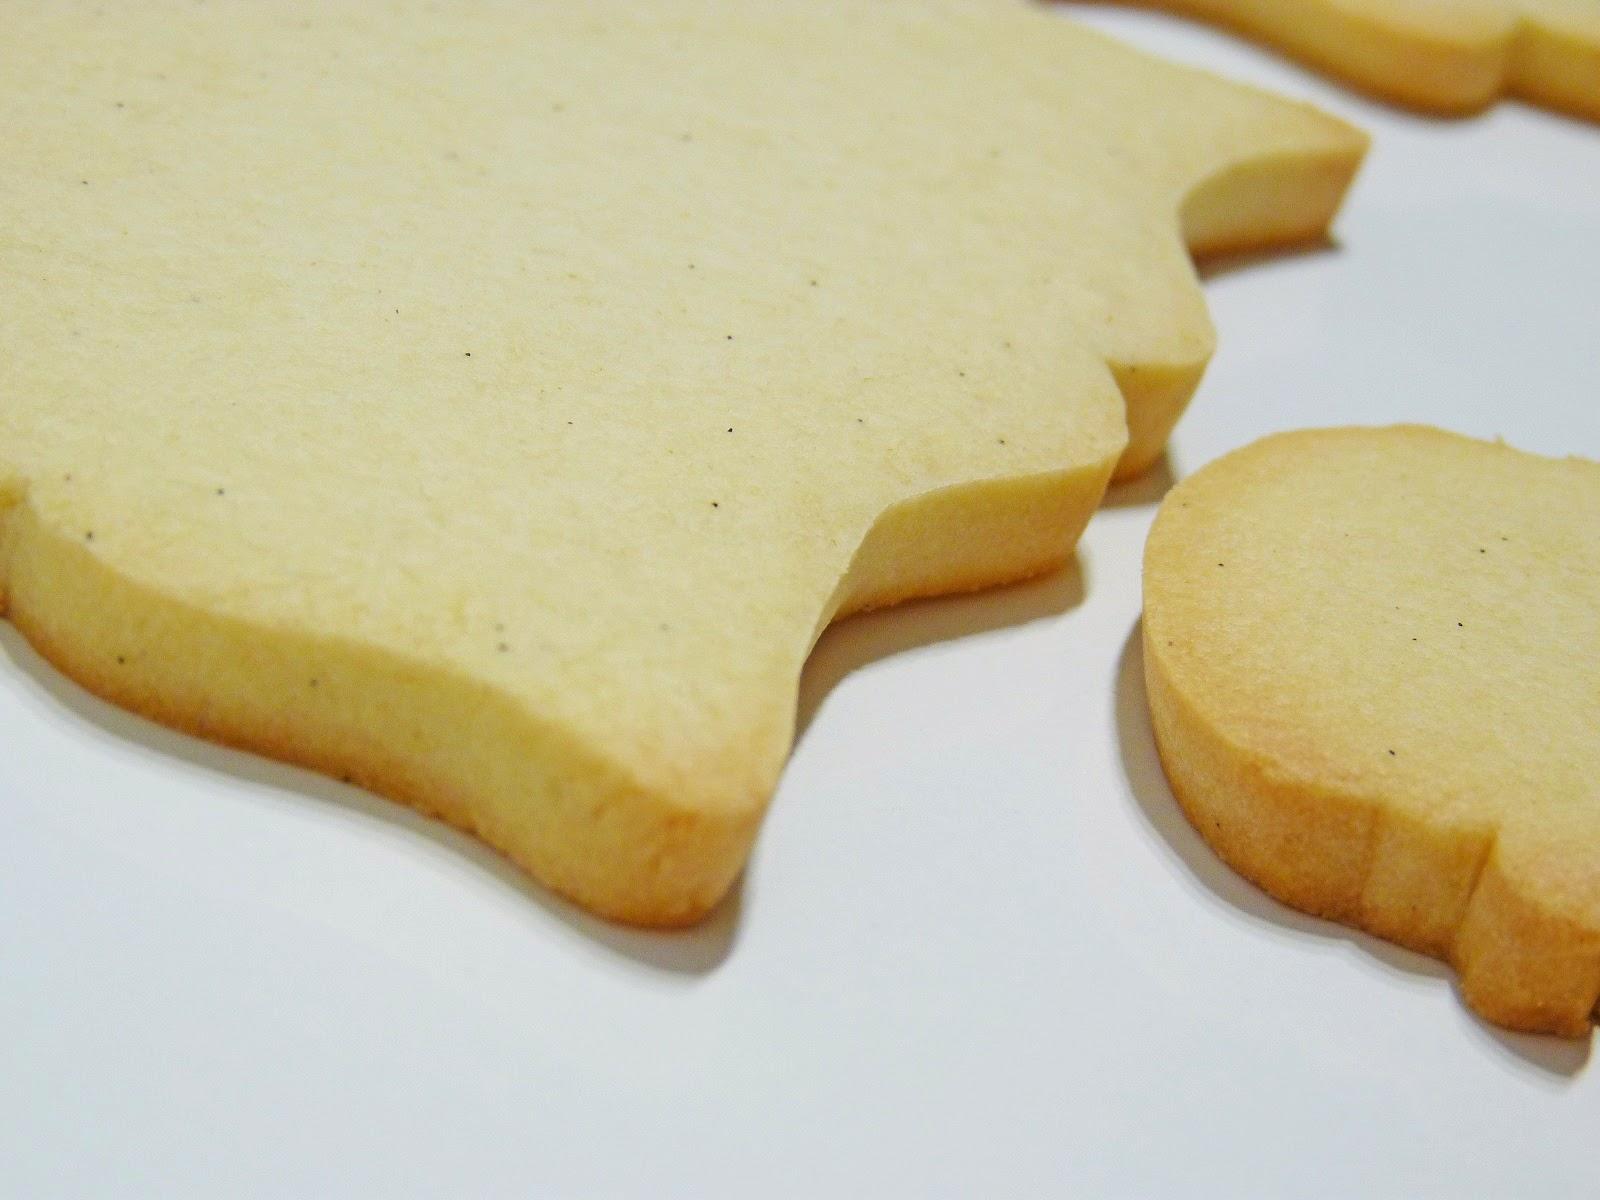 Galletas de mantequilla: La Galleta perfecta